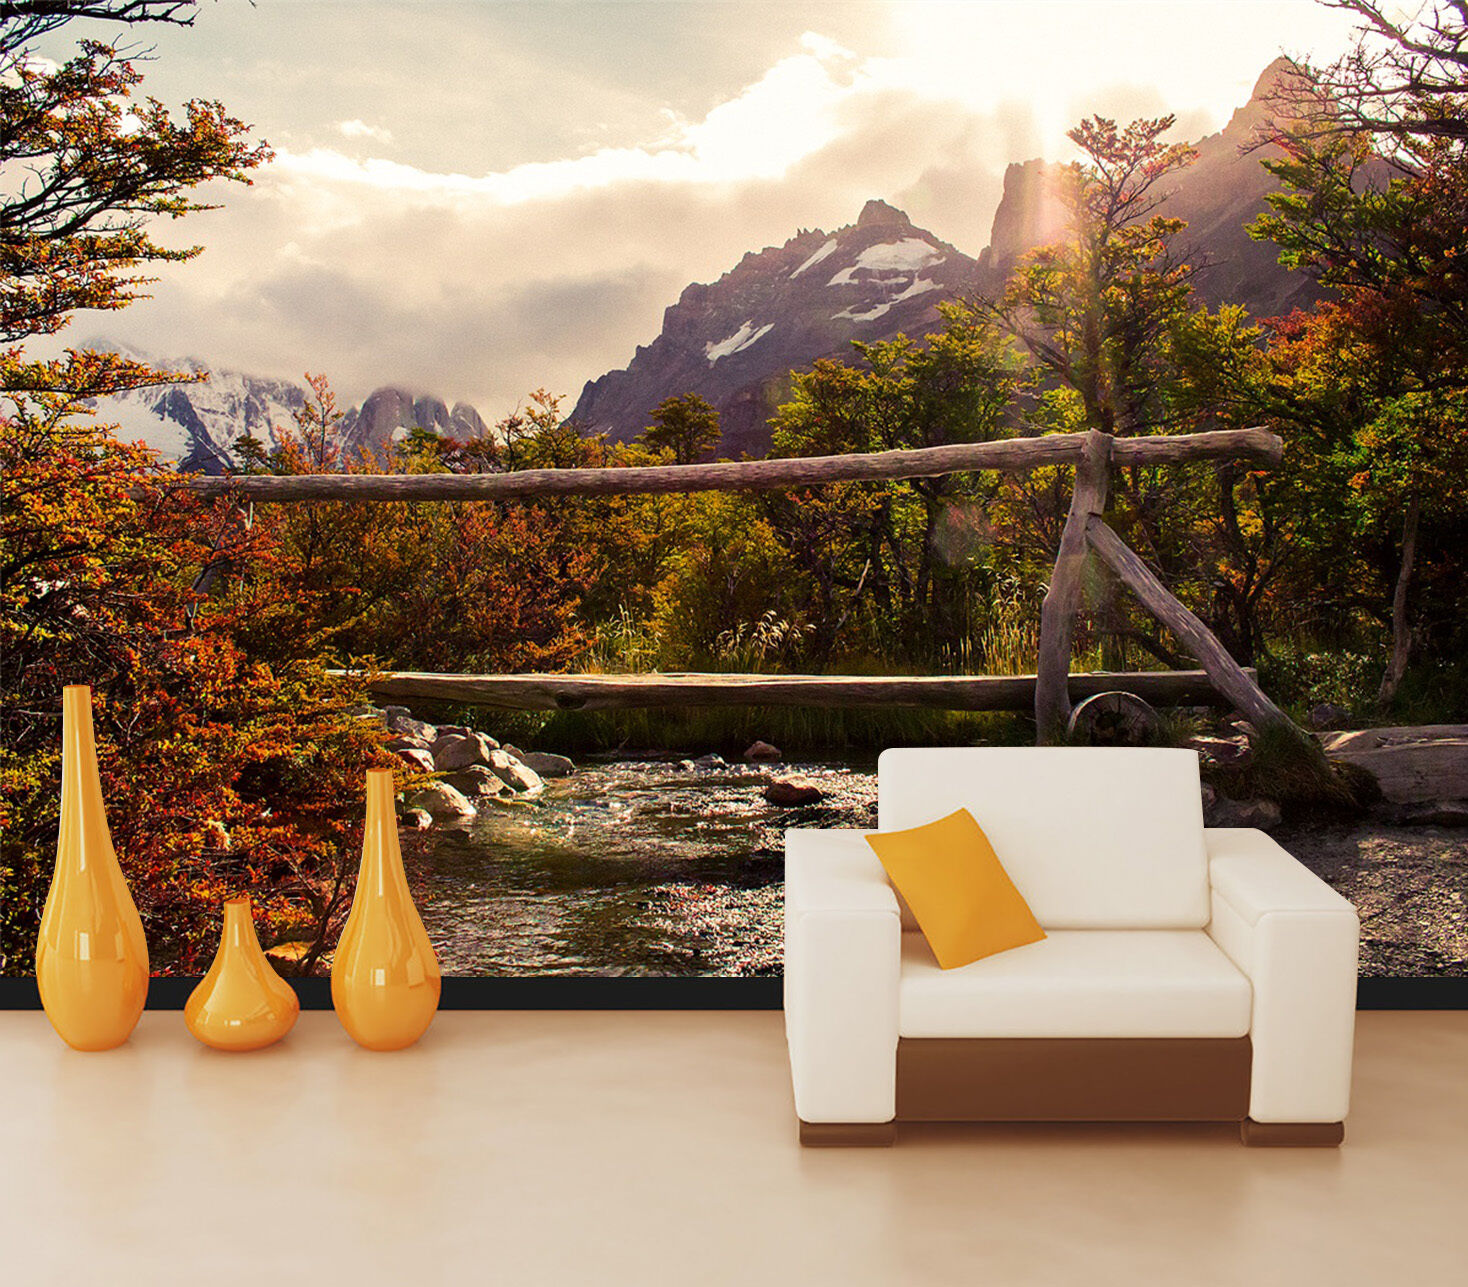 3D Sehr hohe Berg 687 Fototapeten Wandbild Fototapete Bild Tapete Familie Kinder | Sonderkauf  | Geeignet für Farbe  | Nutzen Sie Materialien voll aus